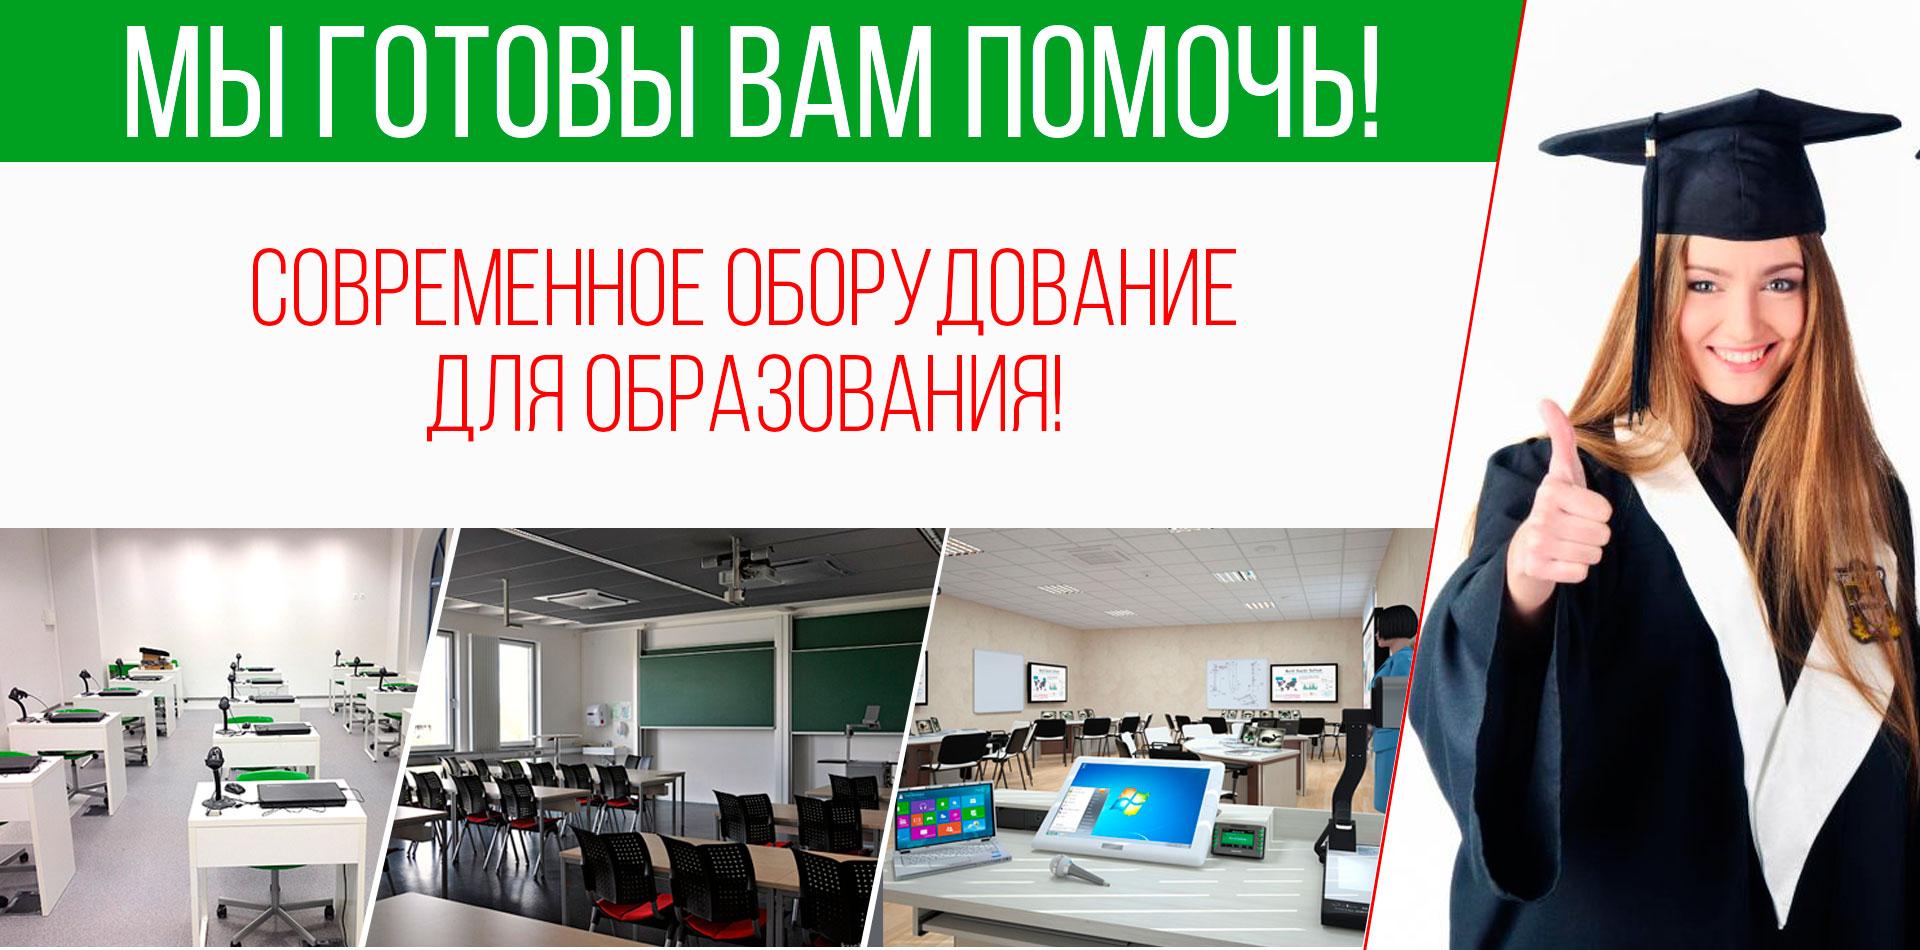 Новые технологии в помощь! Образование без границ.